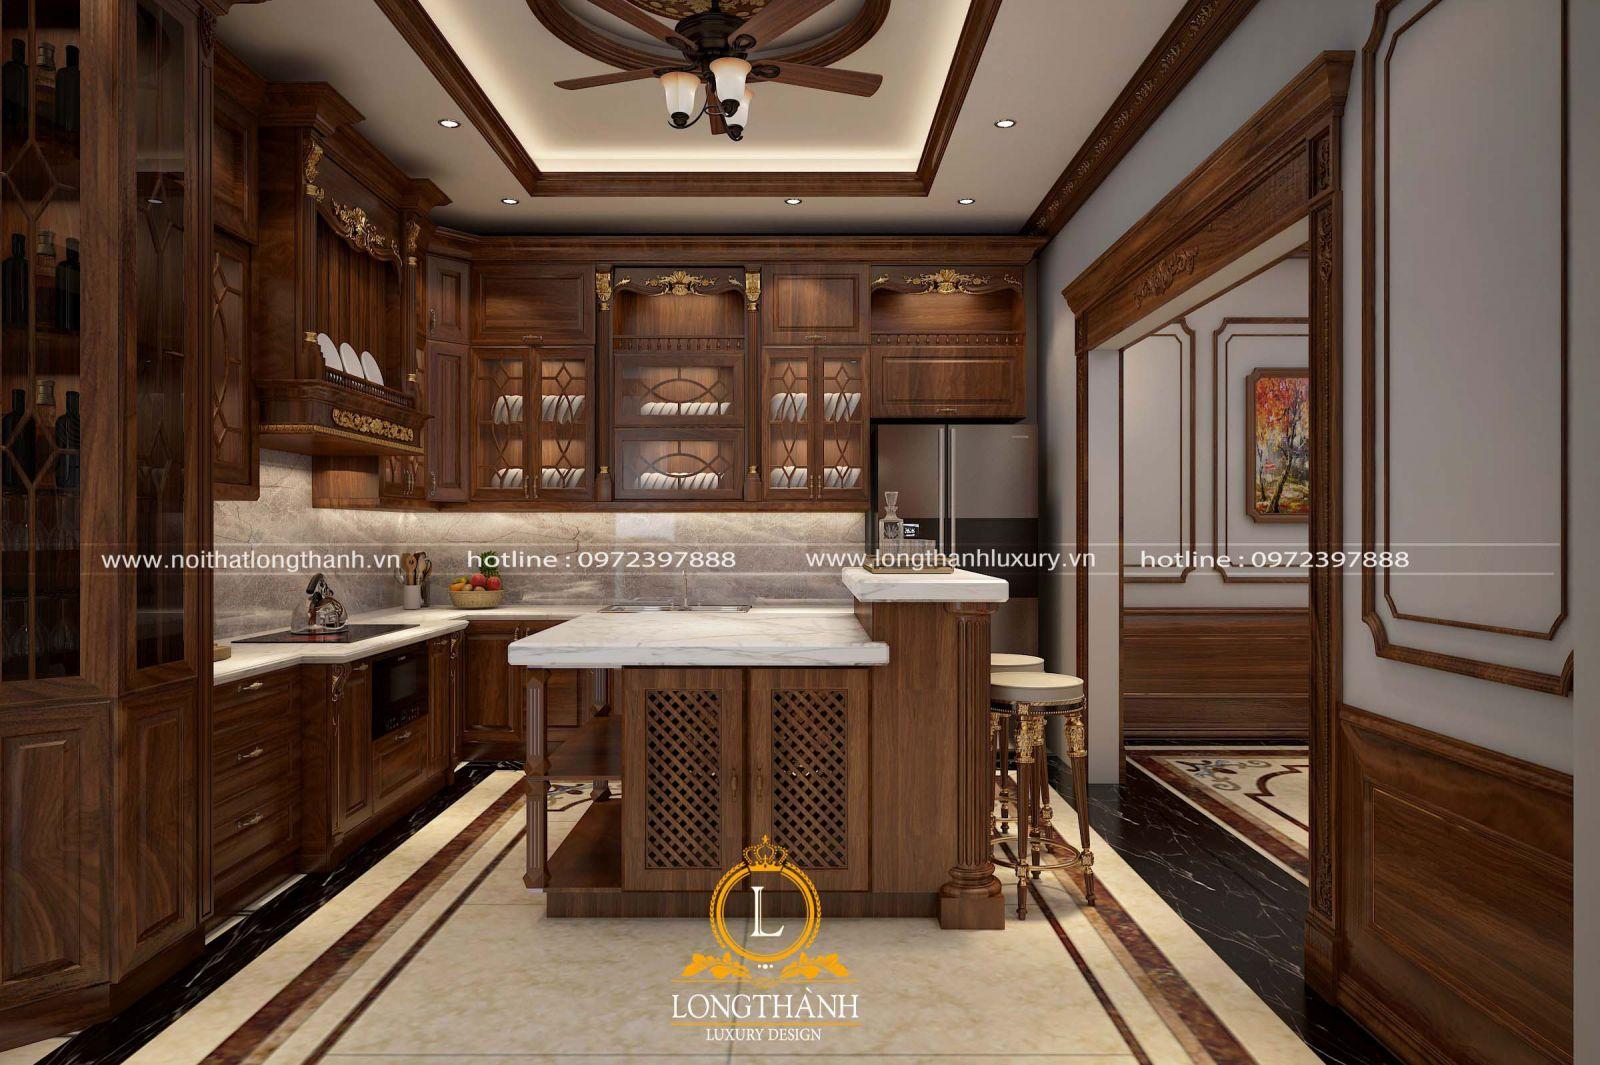 Thiết kế nội thất phòng bếp nhà biệt thự mang phong cách tân cổ điển